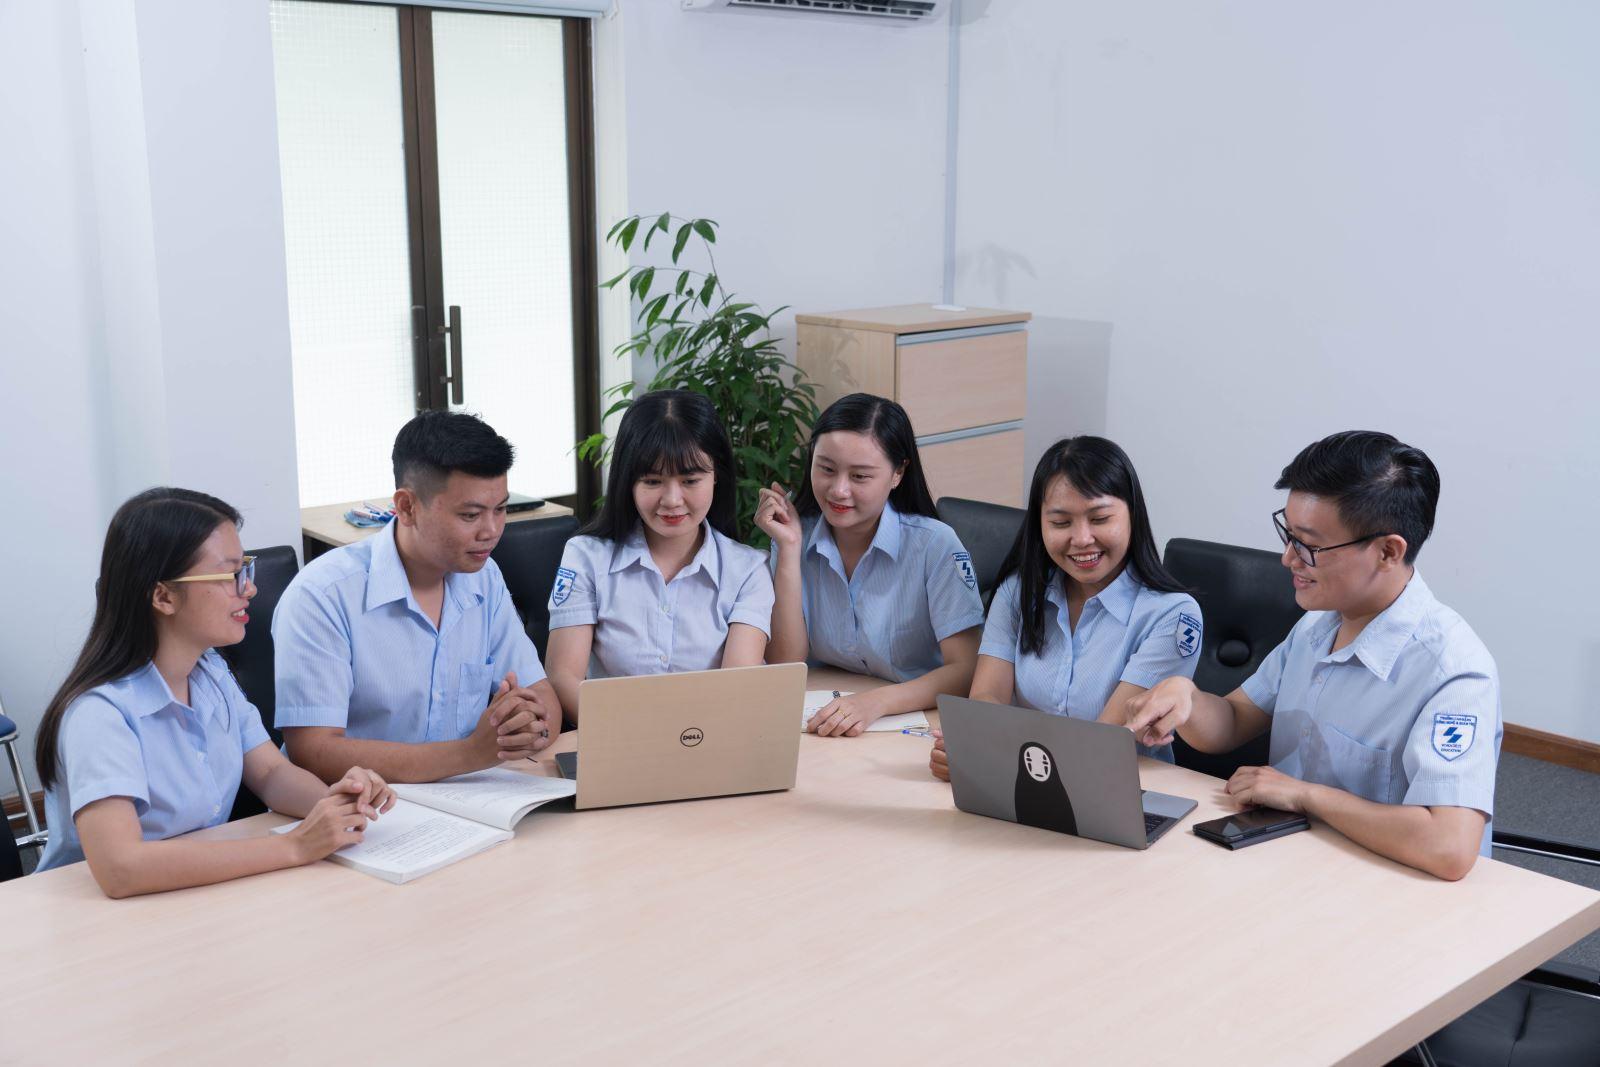 Cơ hội nghiệp đối với ngành quản trị kinh doanh ra sao?